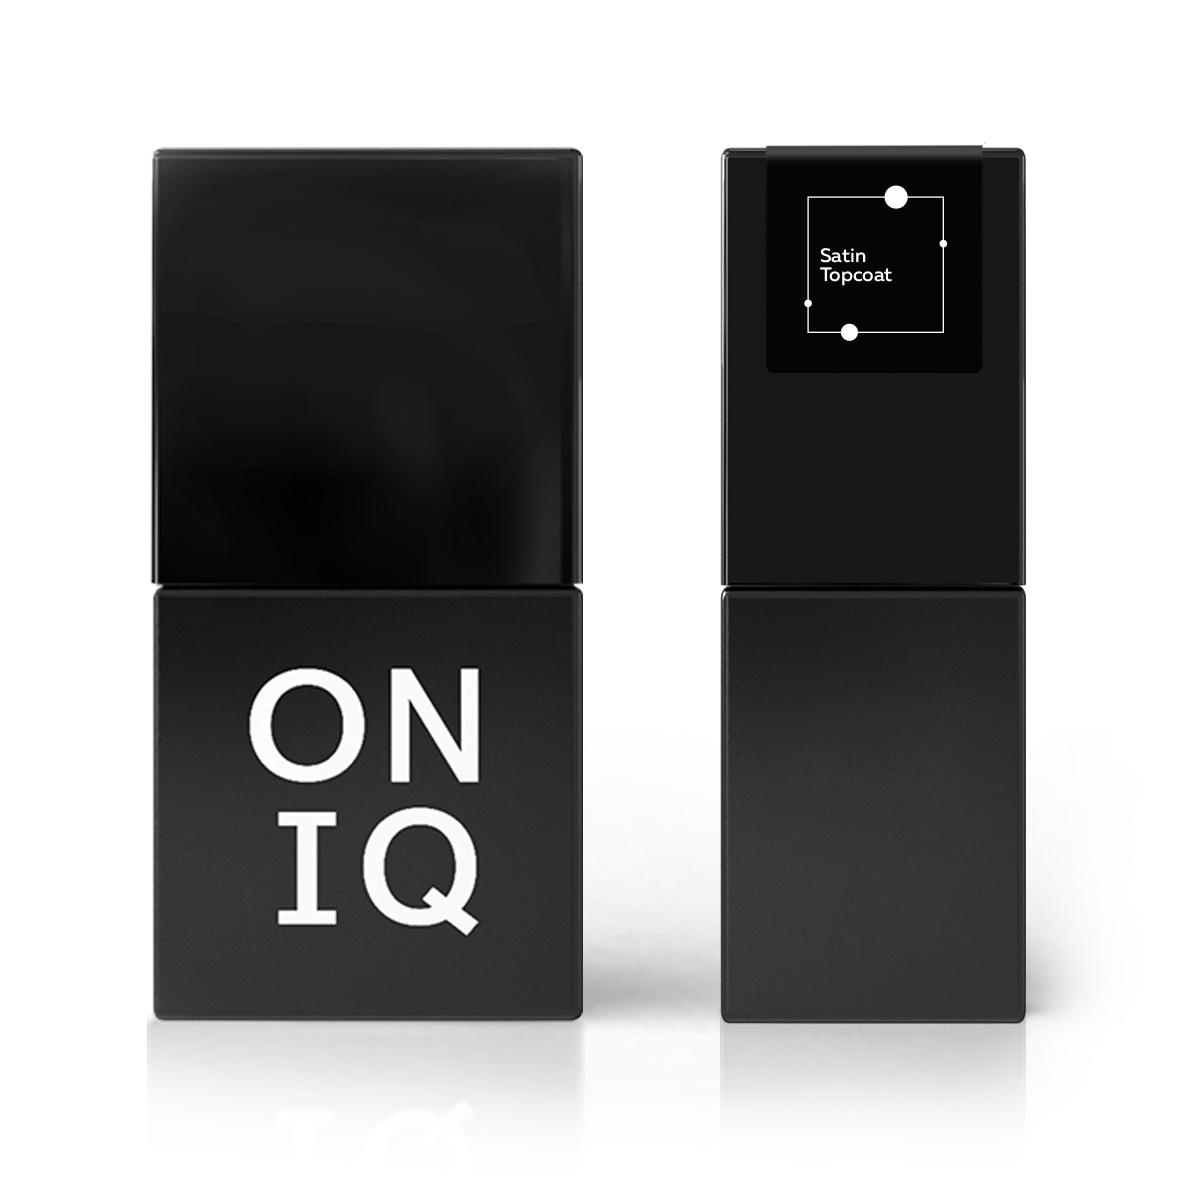 ONIQ Покрытие финишное с сатиновым эффектом 10 мл - Особые средства